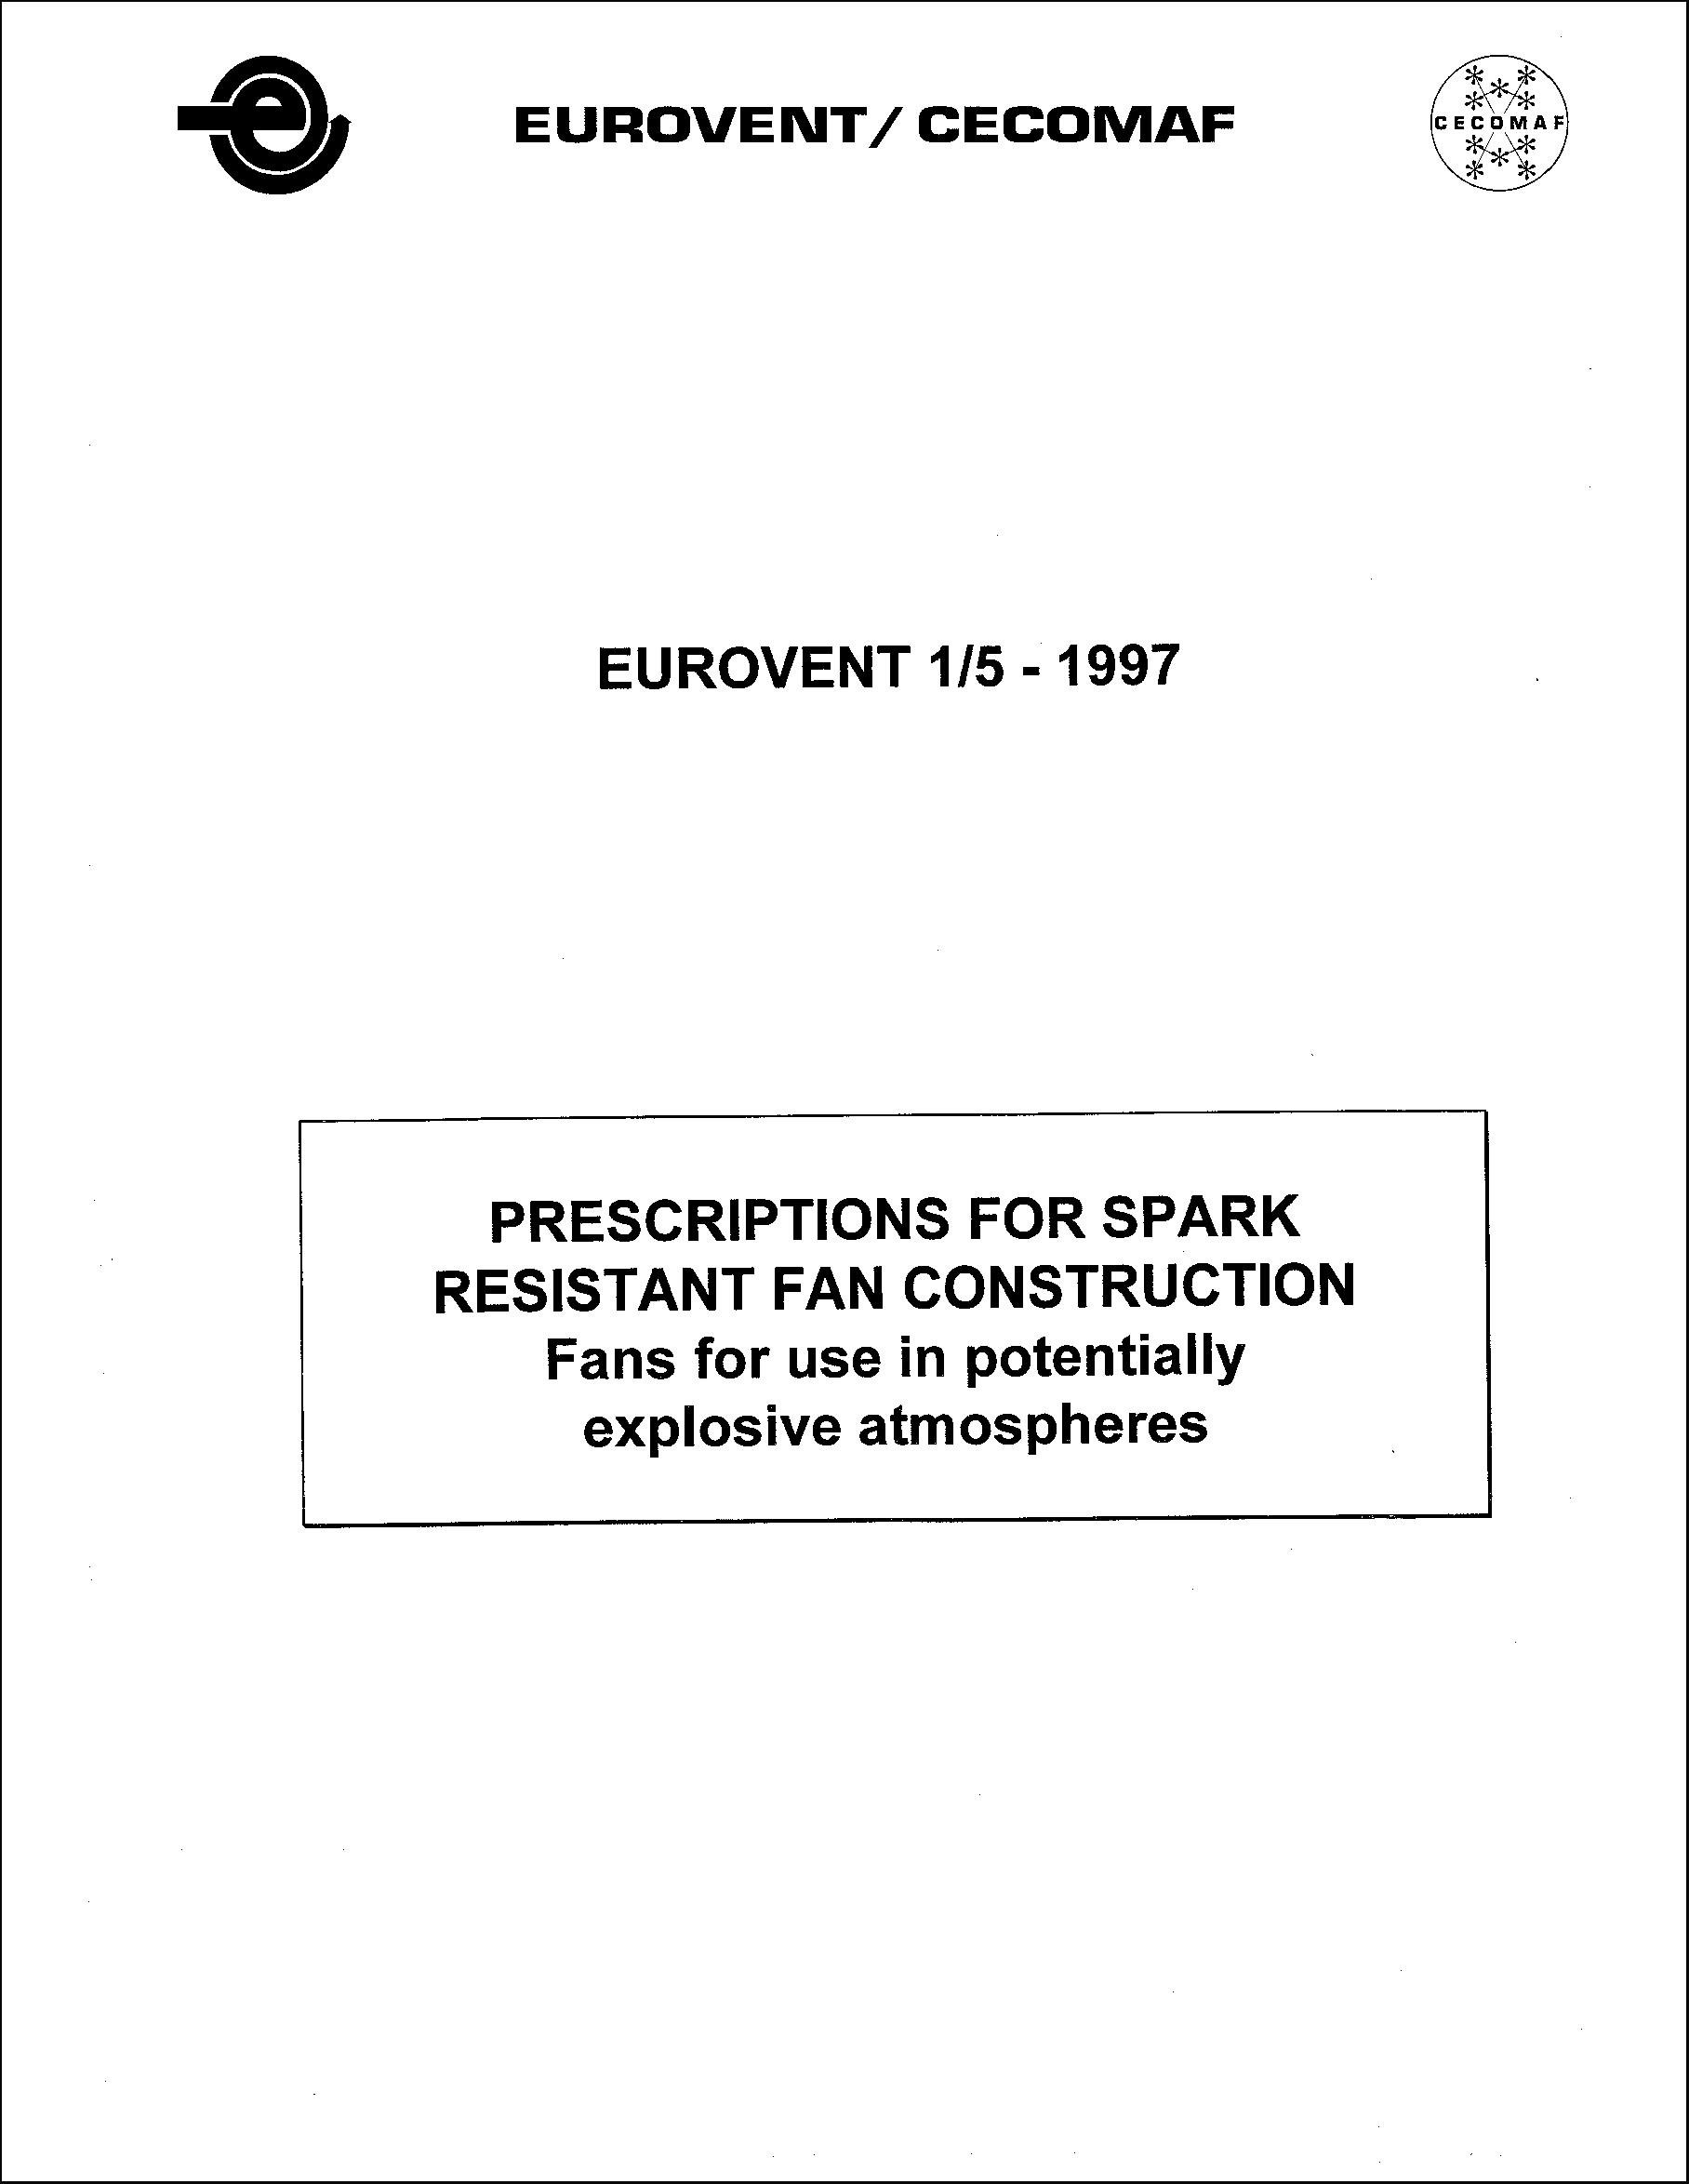 1997 - Prescriptions for Spark-Resistant Fan Construction